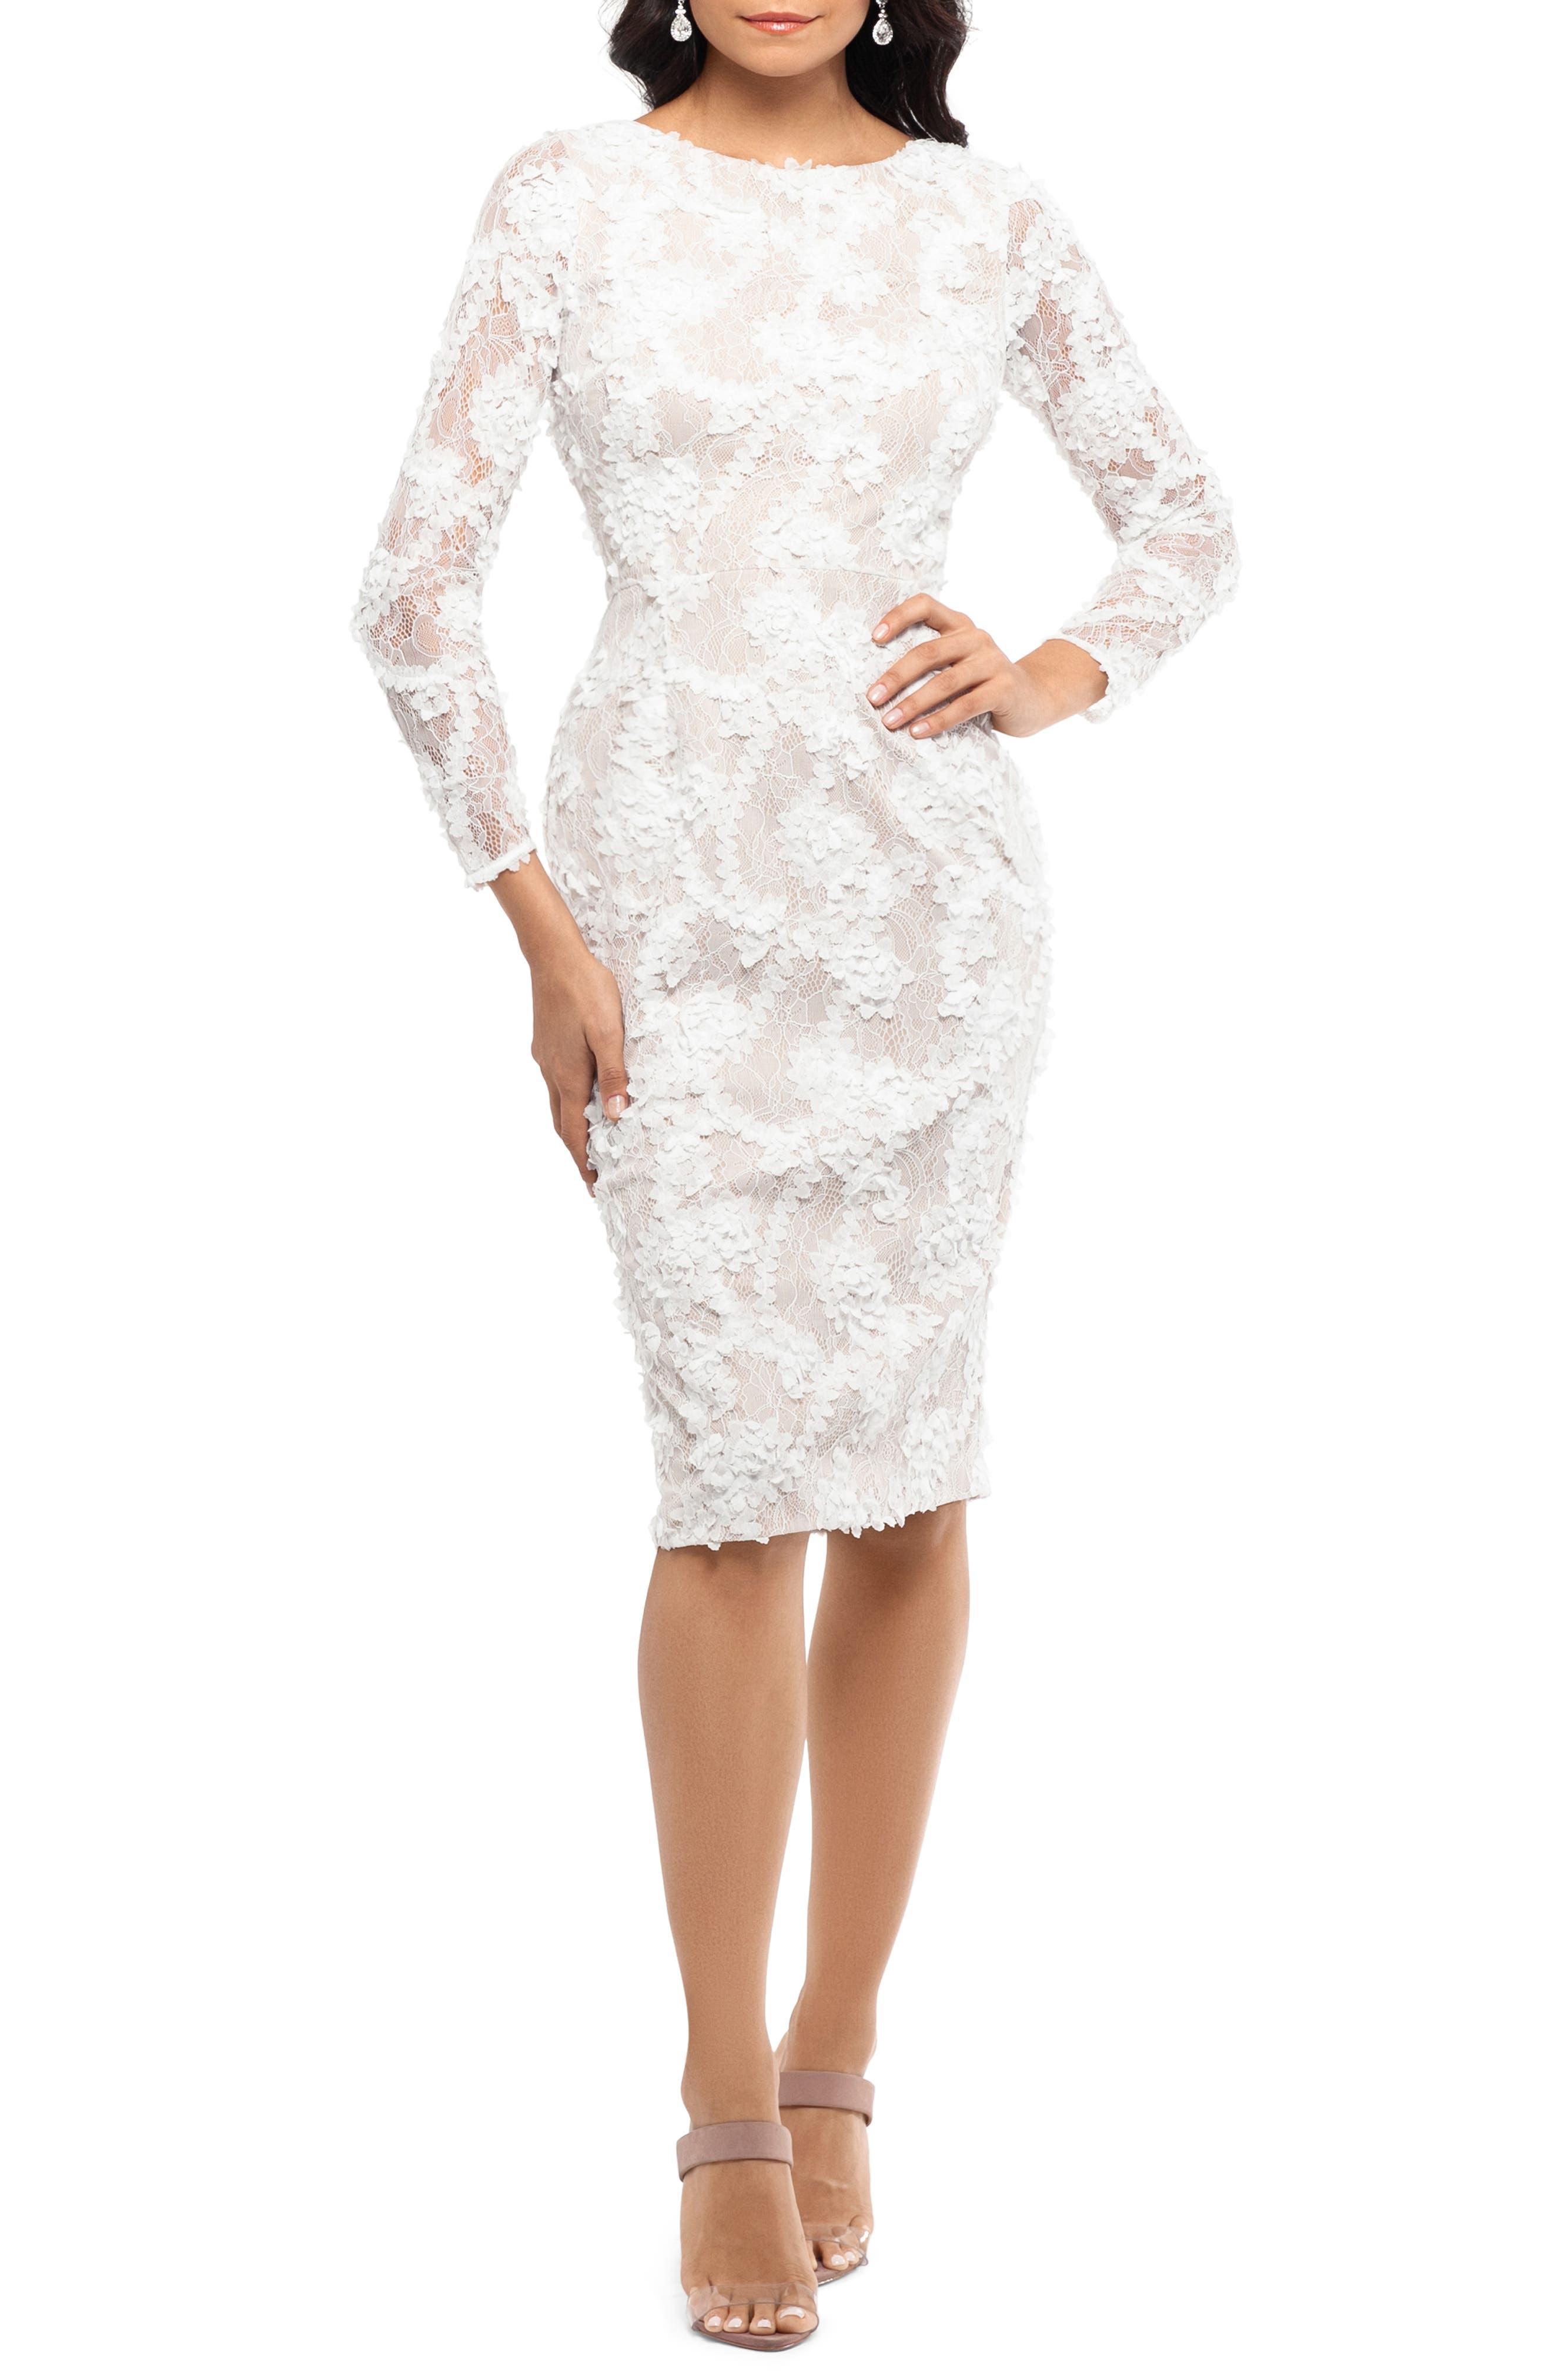 Xscape Lace Applique Long Sleeve Cocktail Dress, Ivory